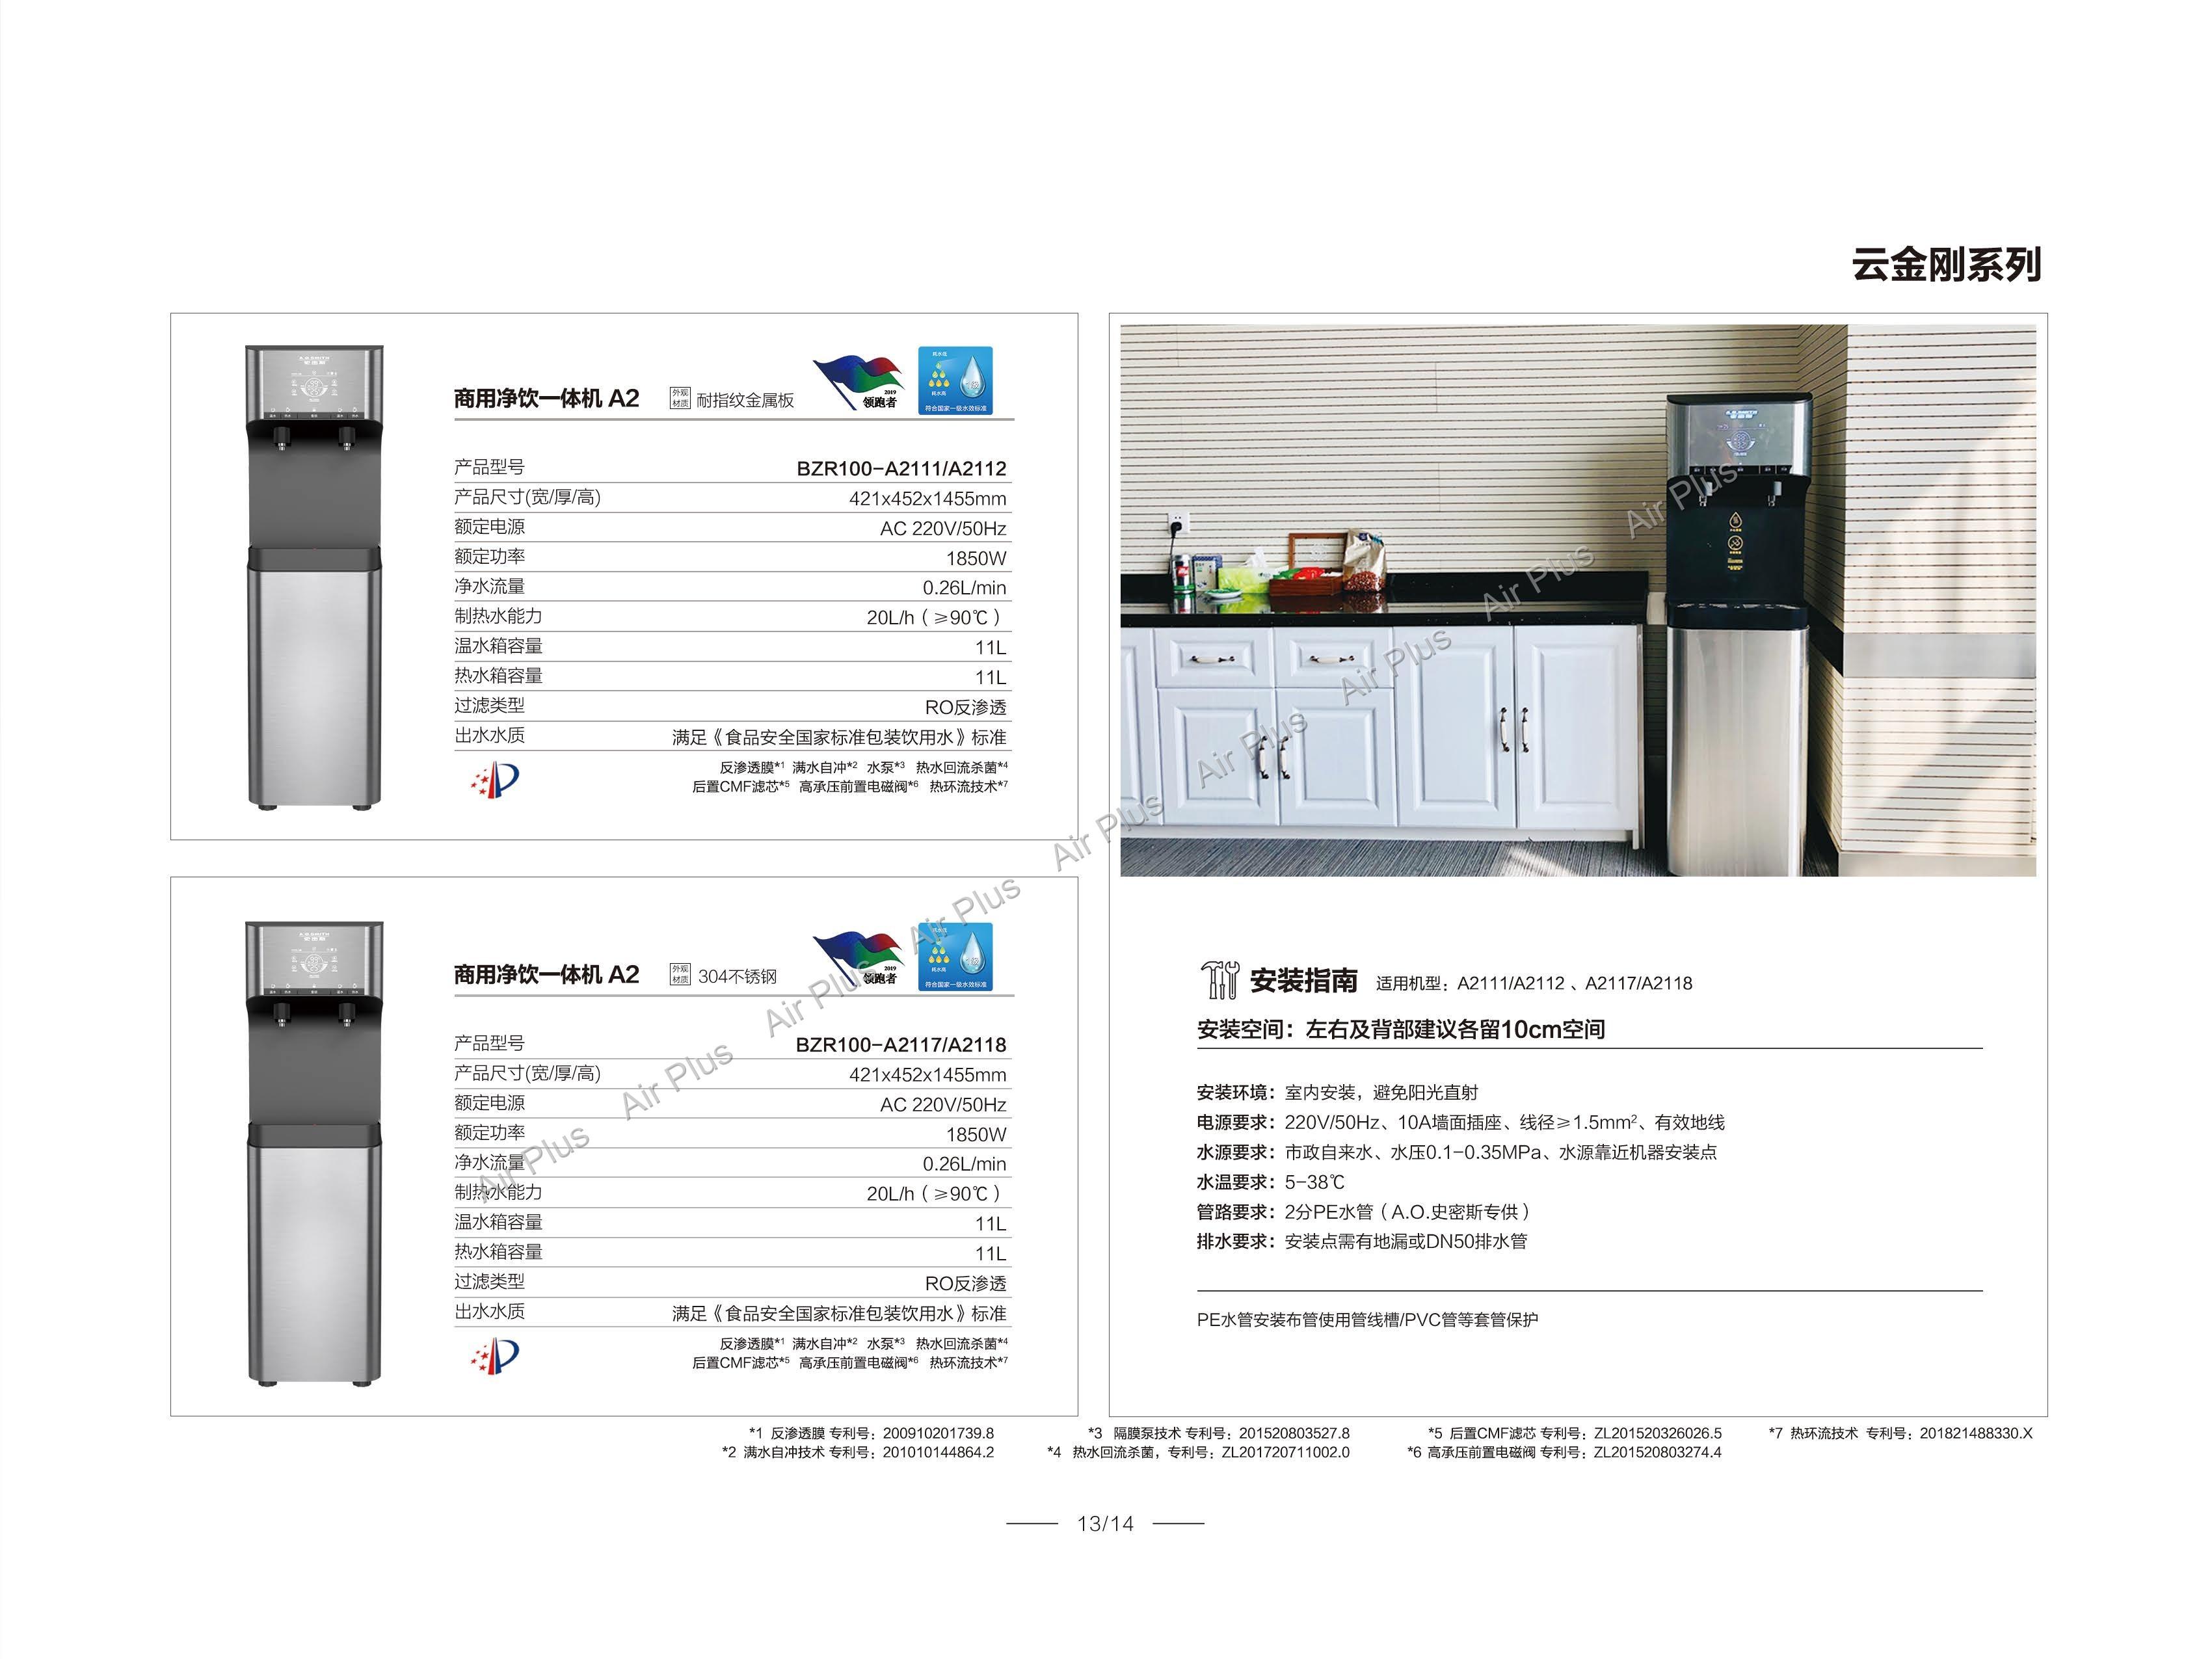 A.O.SMITH商用净水产品手册 手机端(1)_页面_15.jpg